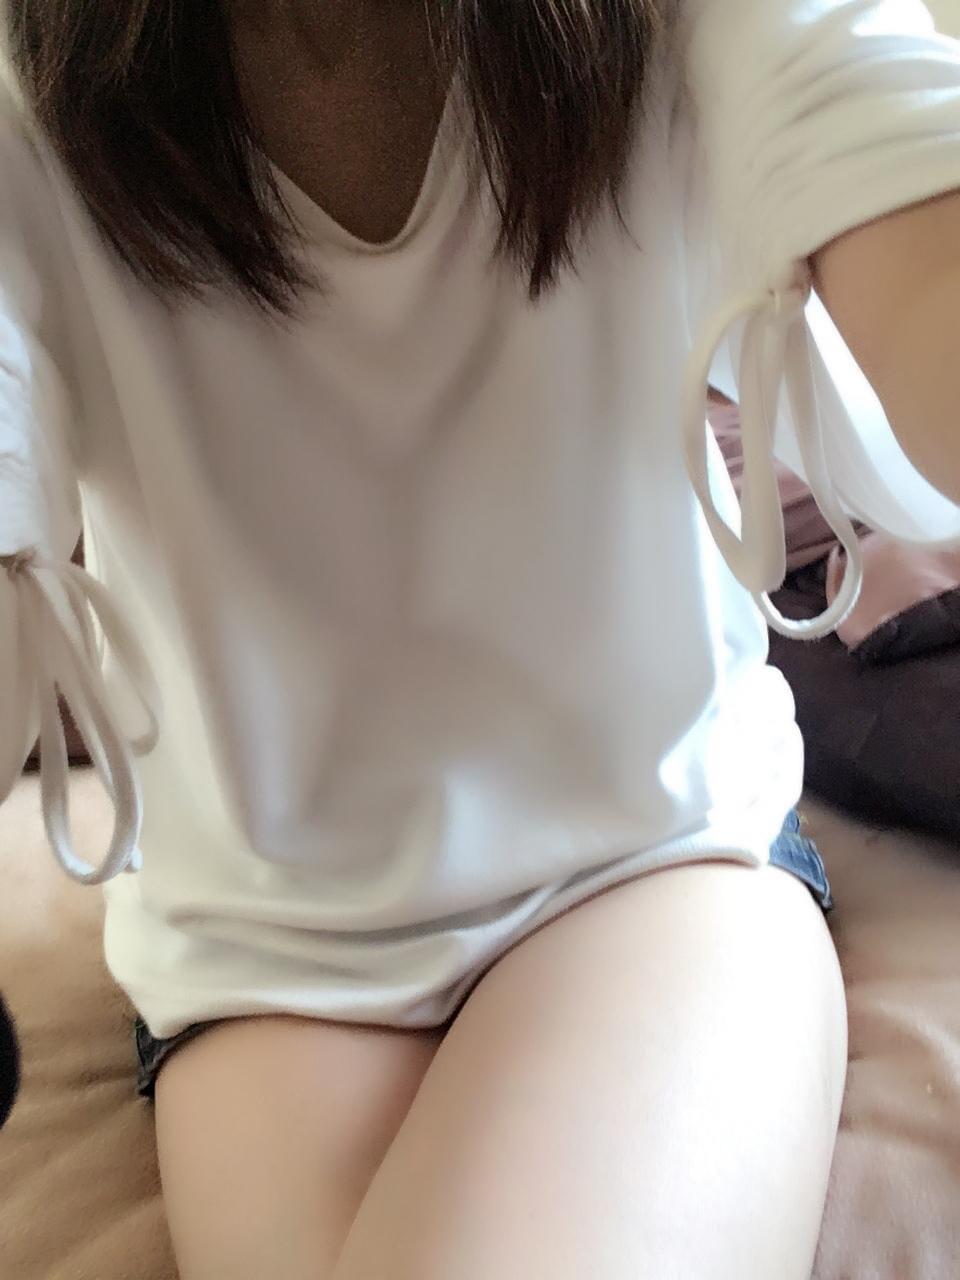 「お礼☆」08/14(08/14) 22:28 | みう※癒されたい方にお薦め!!の写メ・風俗動画